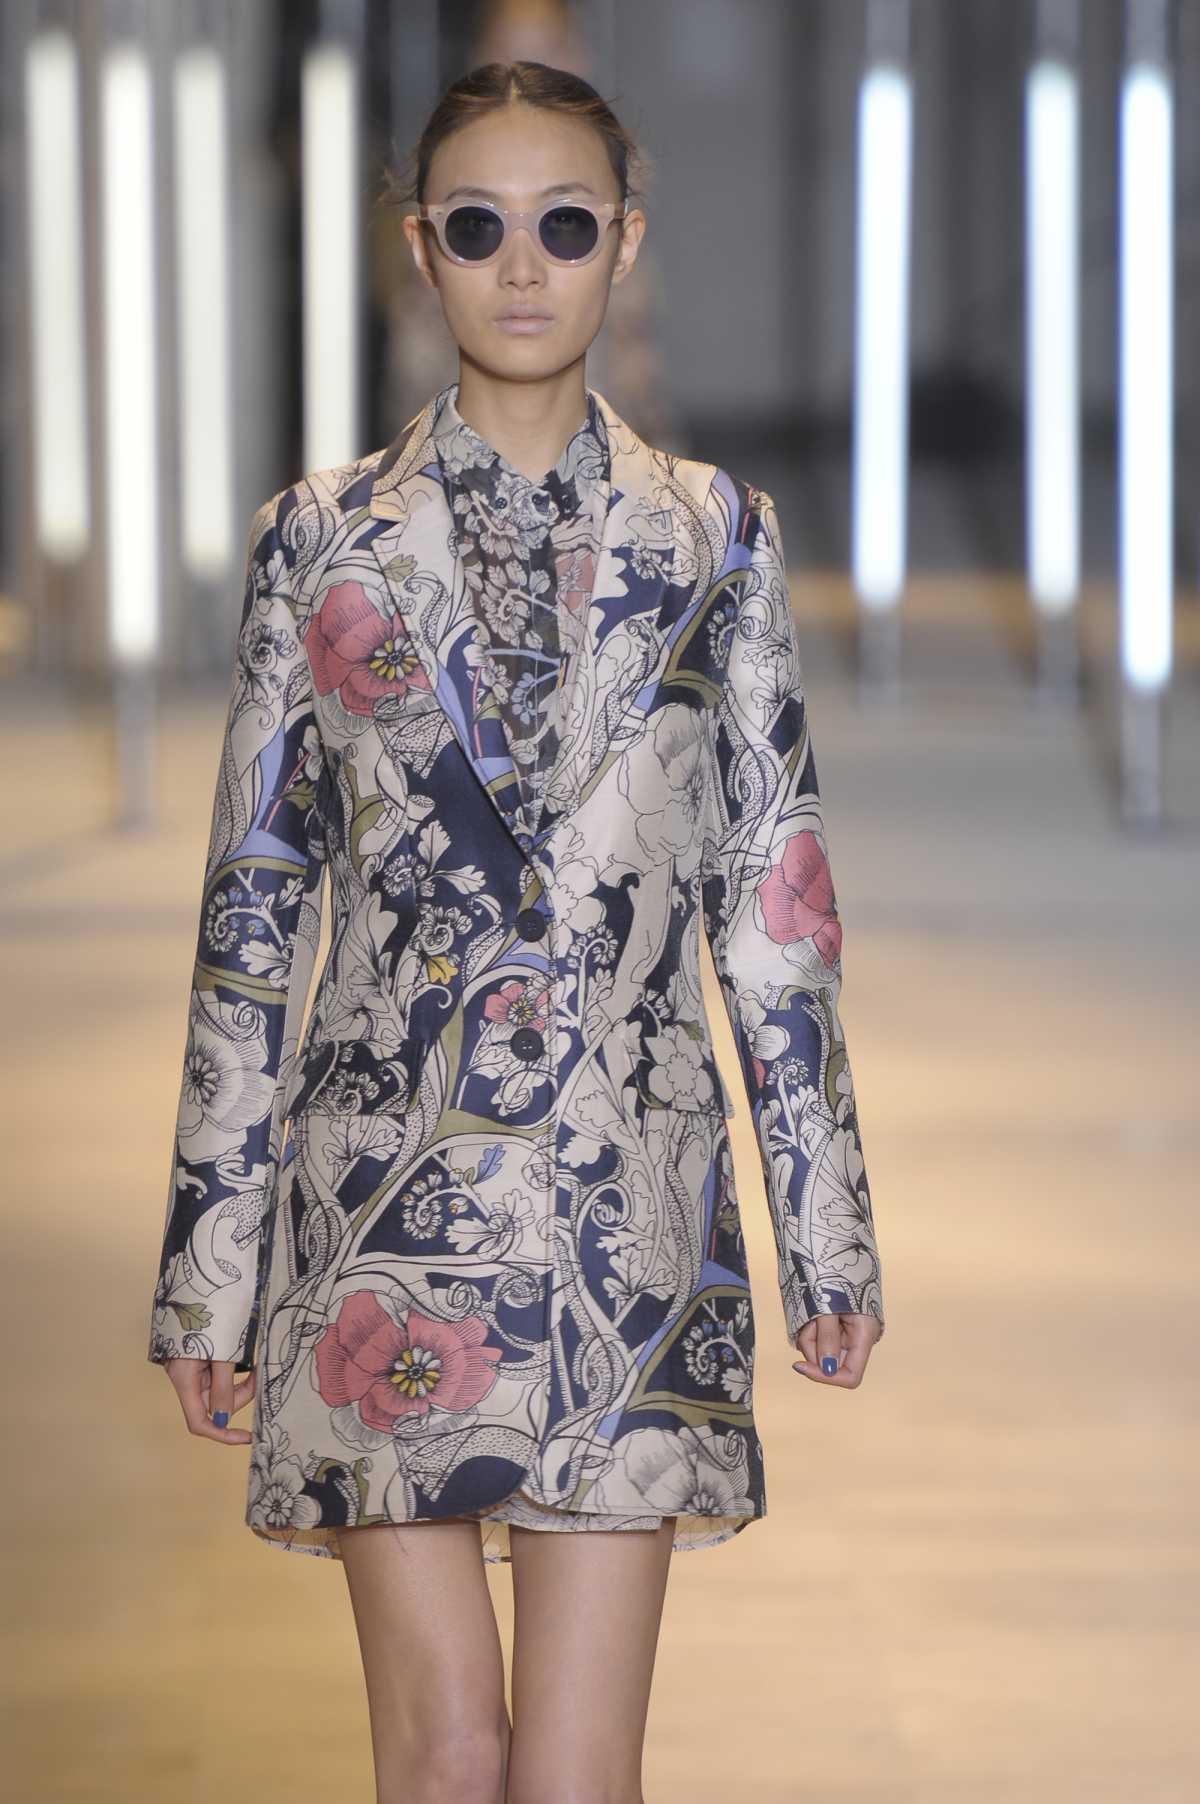 casaco com flores